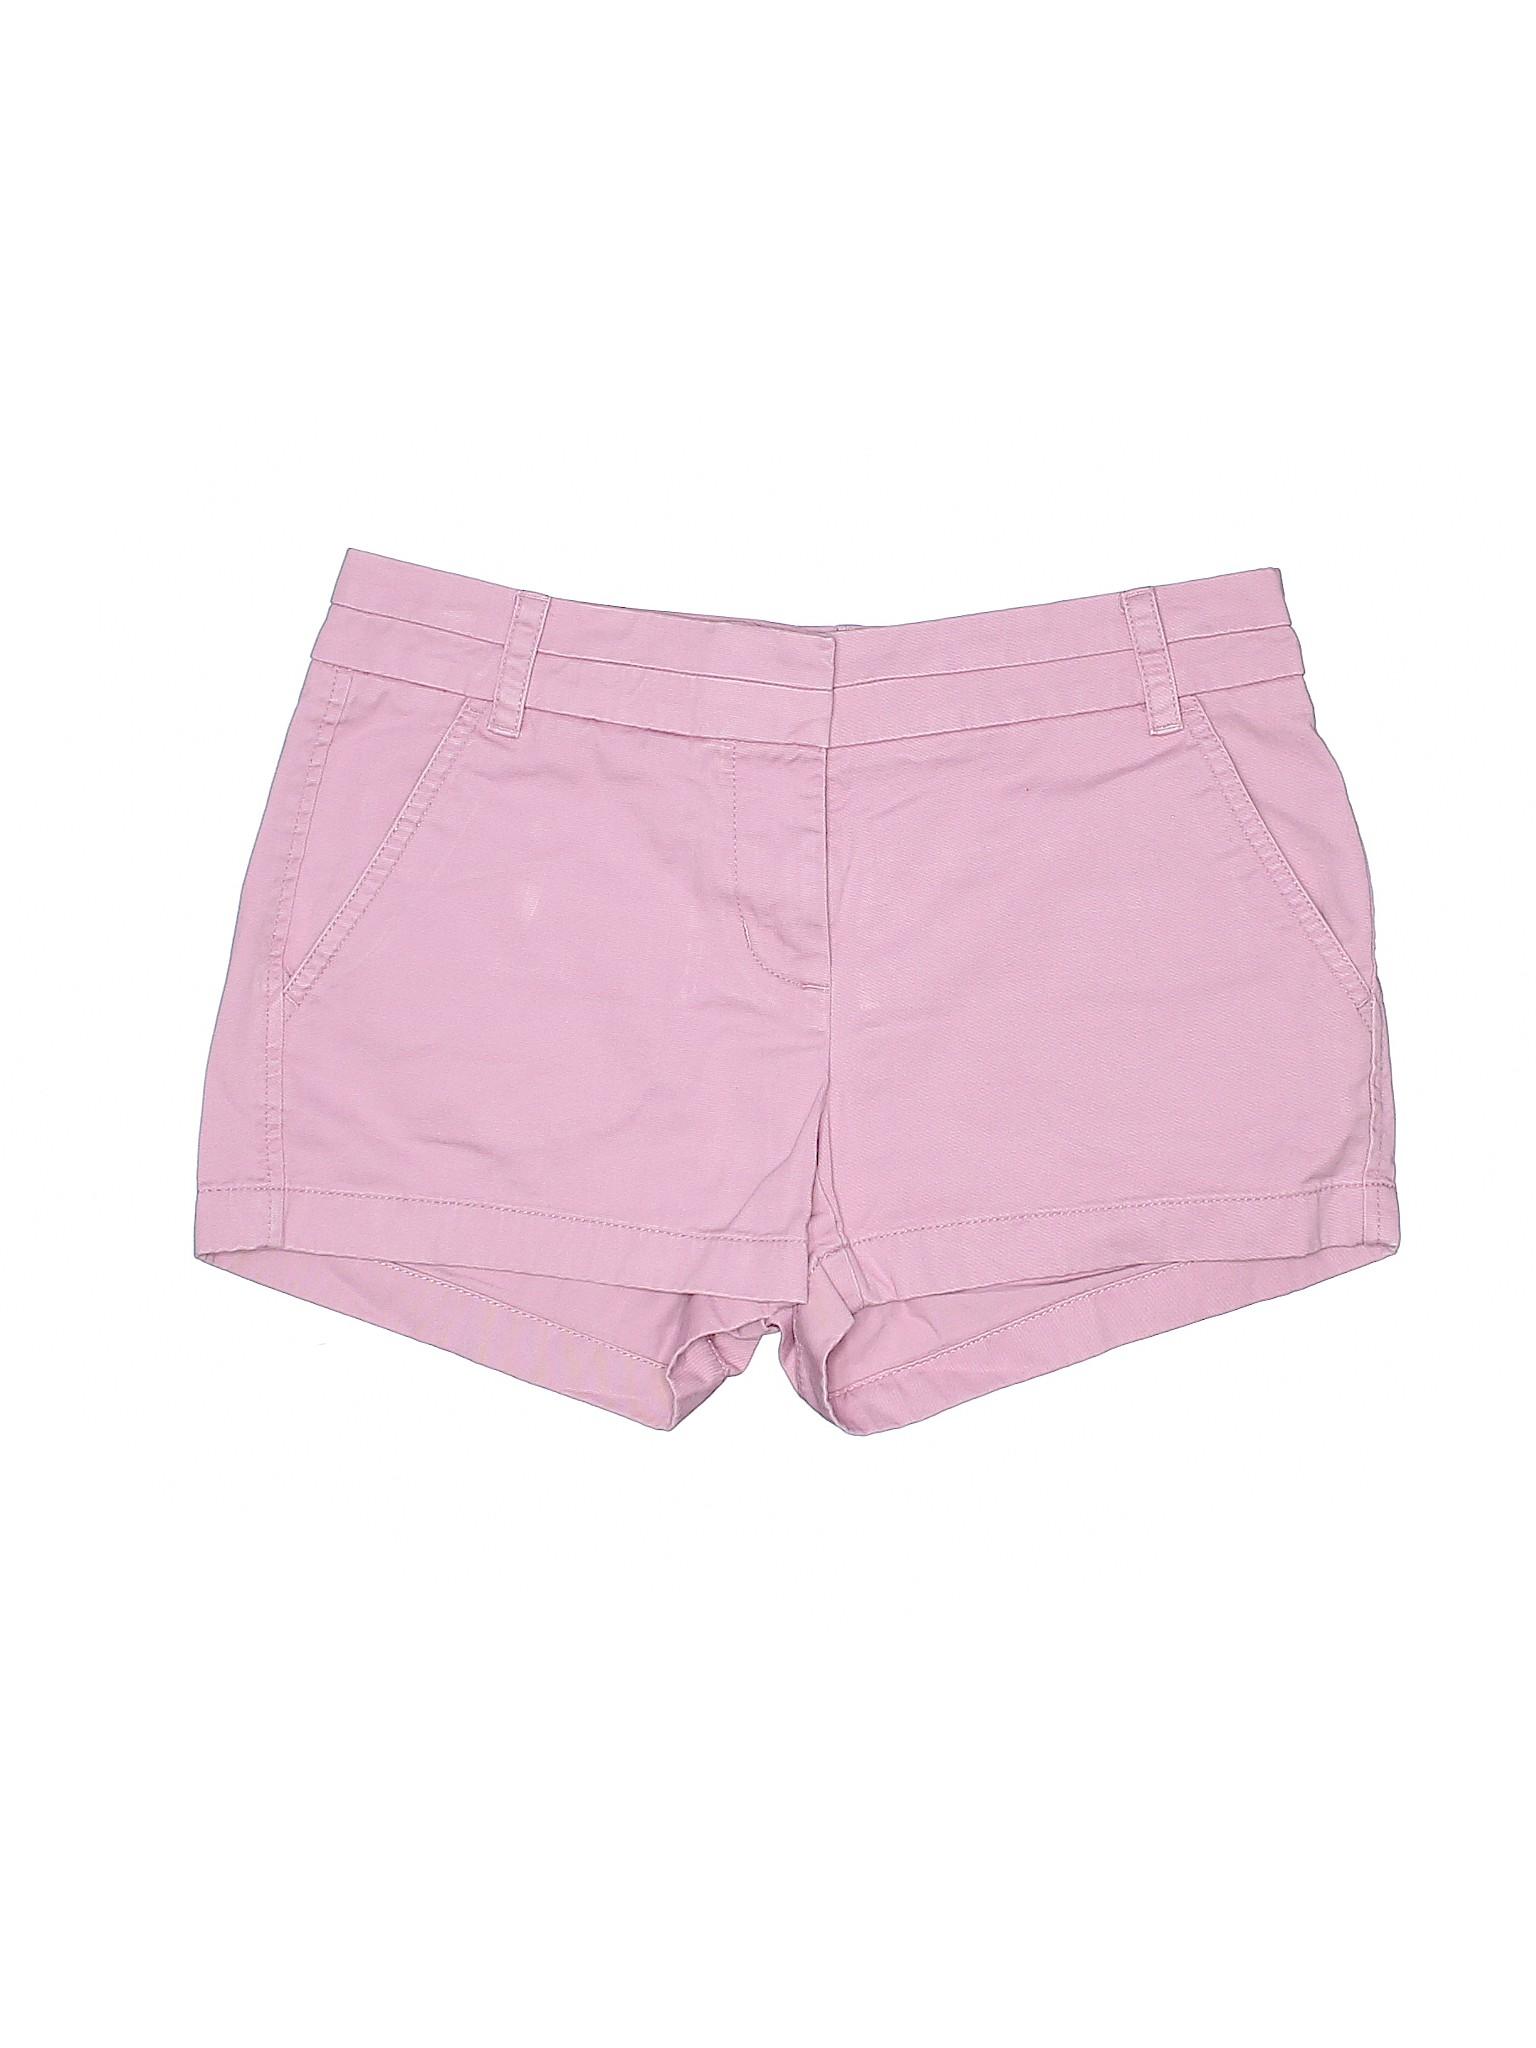 Khaki Shorts Crew Boutique Boutique Boutique Khaki J J Crew Shorts fw1Uaqp